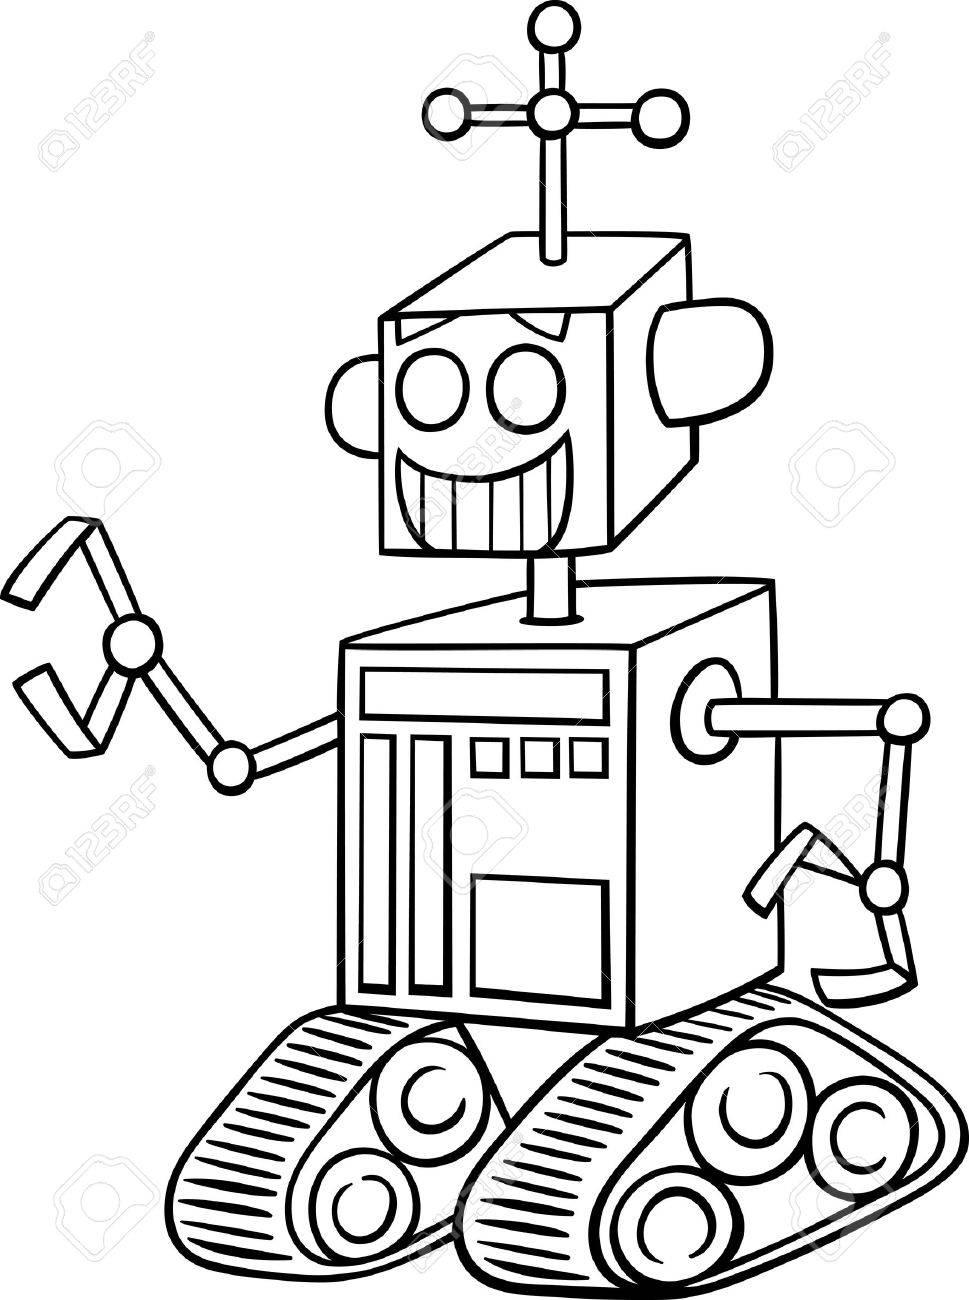 Ilustración De Dibujos Animados De Blanco Y Negro Divertido Del Robot De La Fantasía De Caracteres Para Colorear Libro